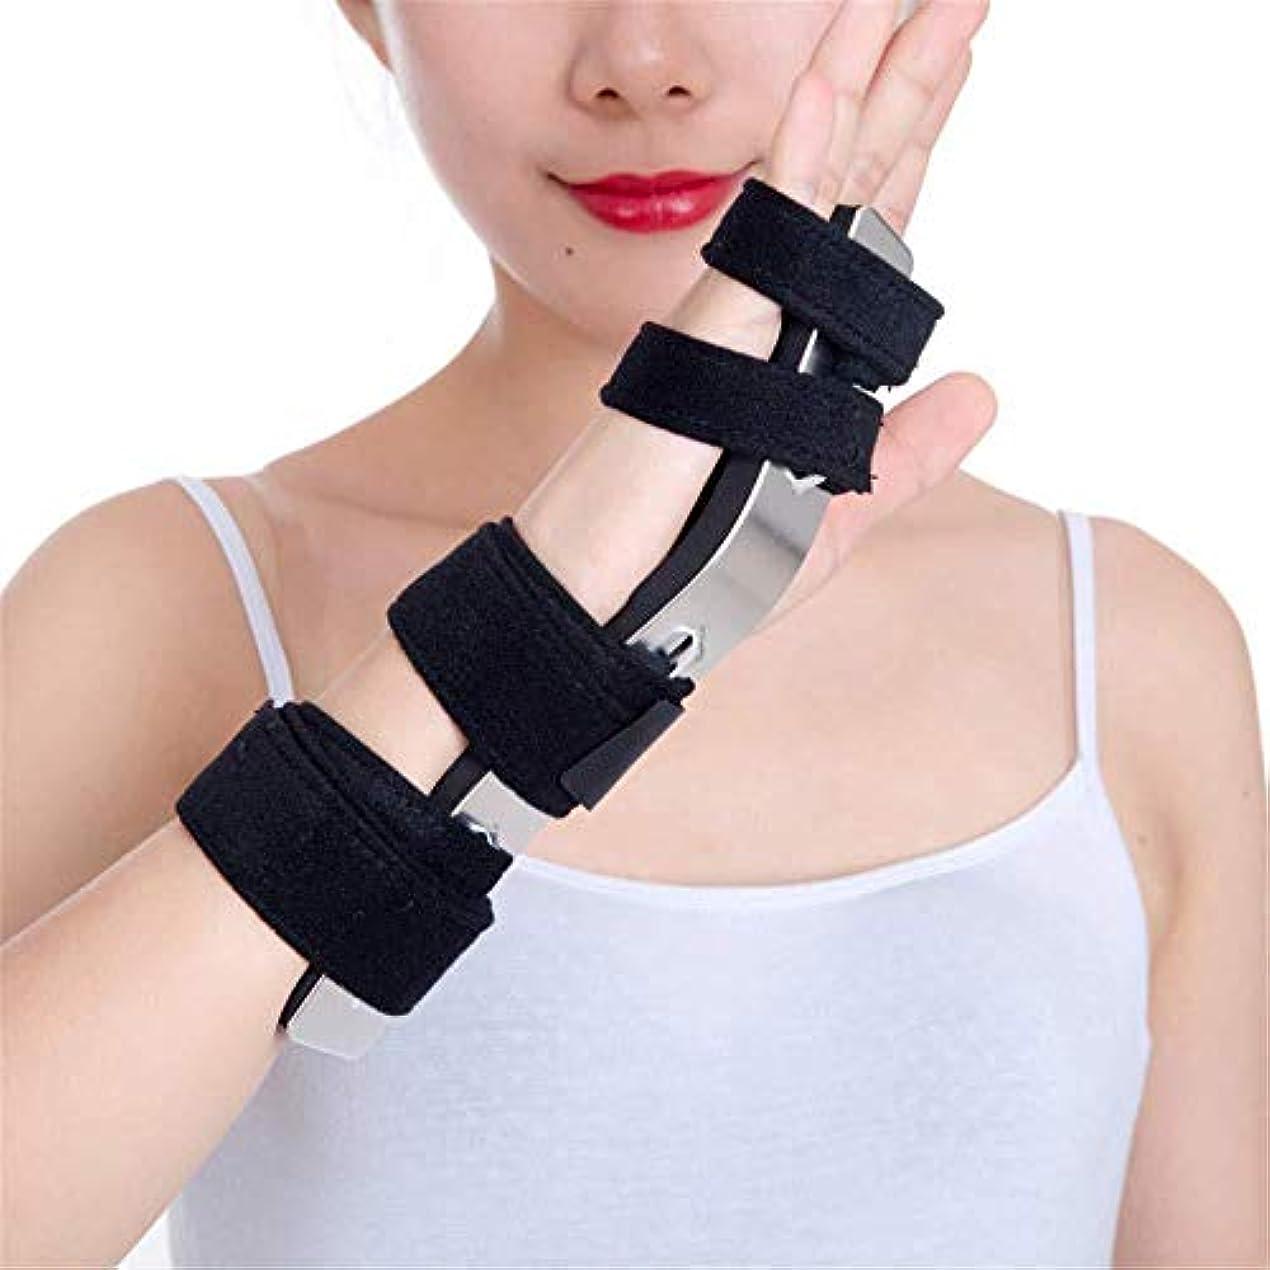 値する絶え間ない熟読トリガーフィンガースプリント、ニュートラル関節炎の親指手首サポート、右手と左手用のトリガーフィンガー